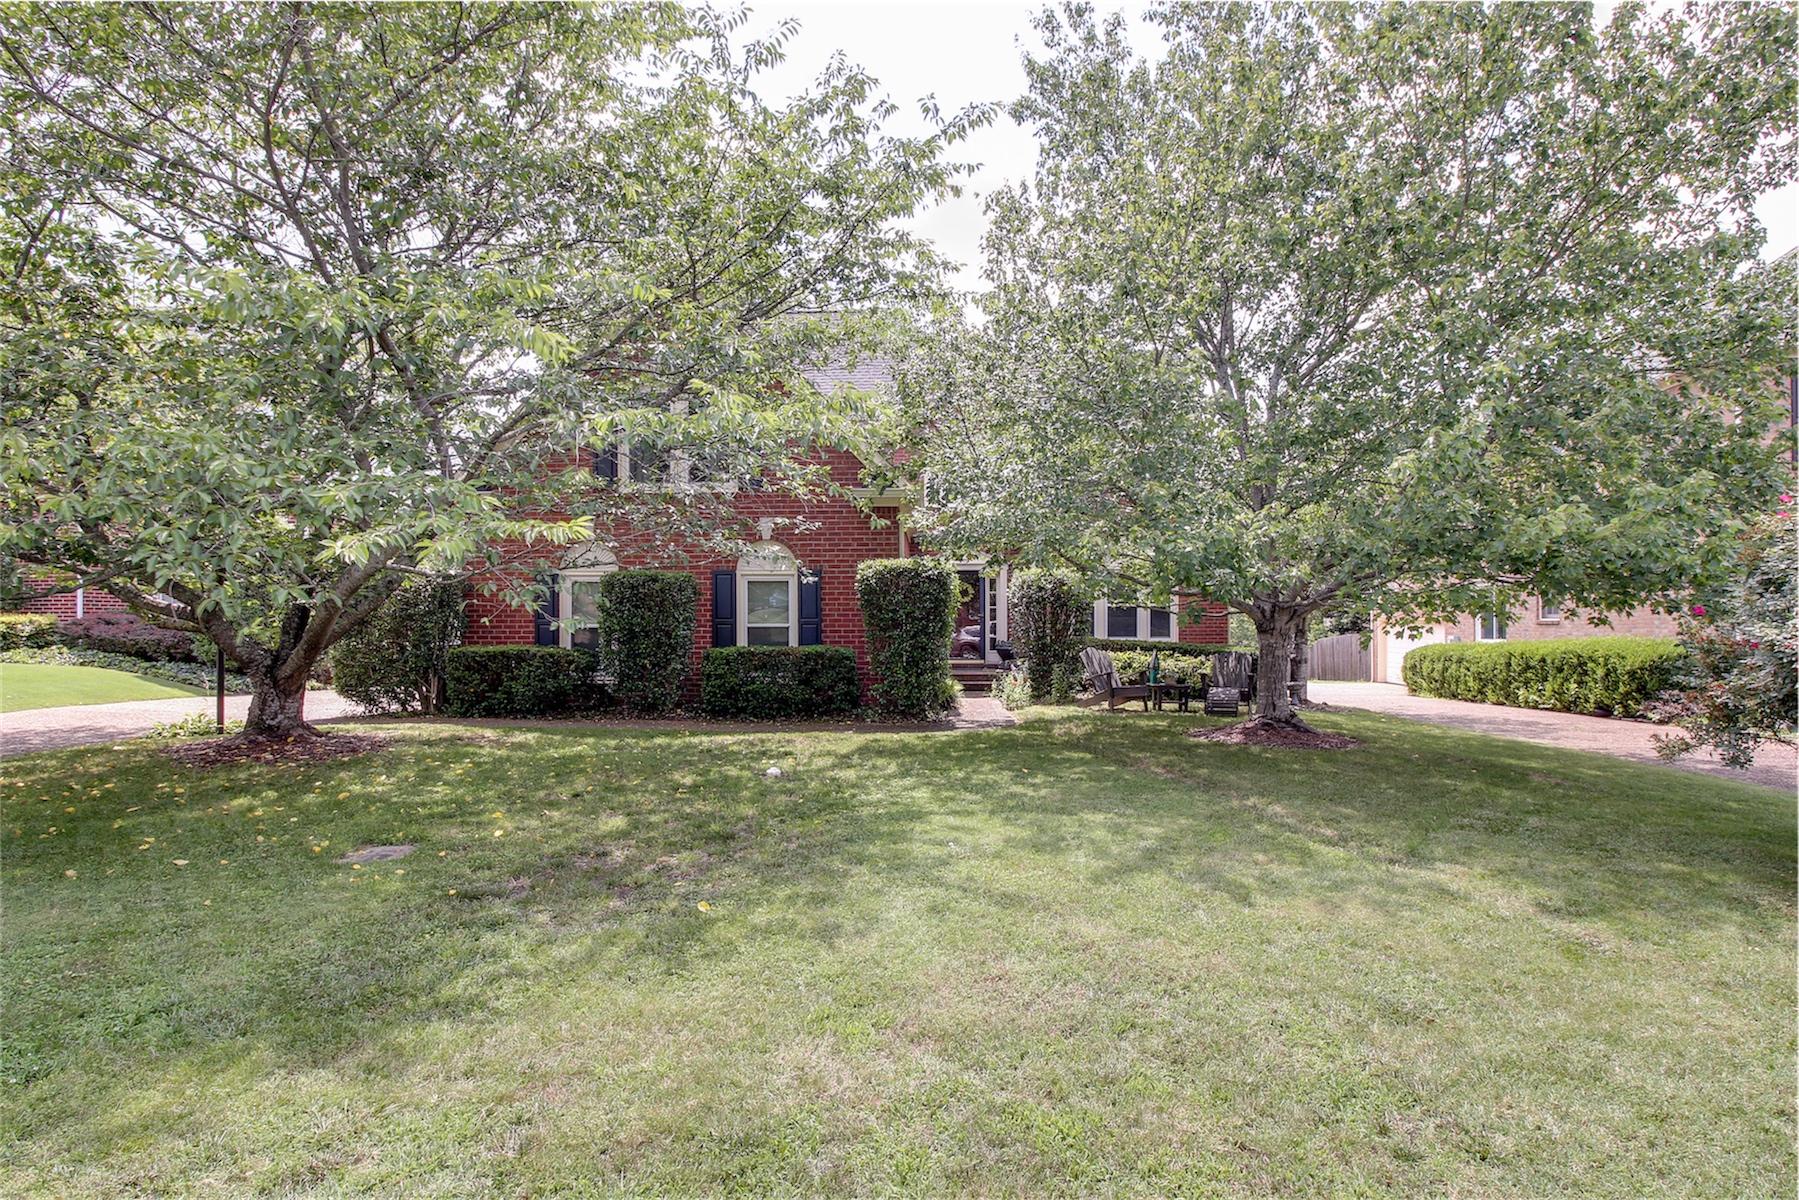 獨棟家庭住宅 為 出售 在 Classic West Meade Ranch 521 Ridgestone Drive Franklin, 田納西州, 37064 South, 美國